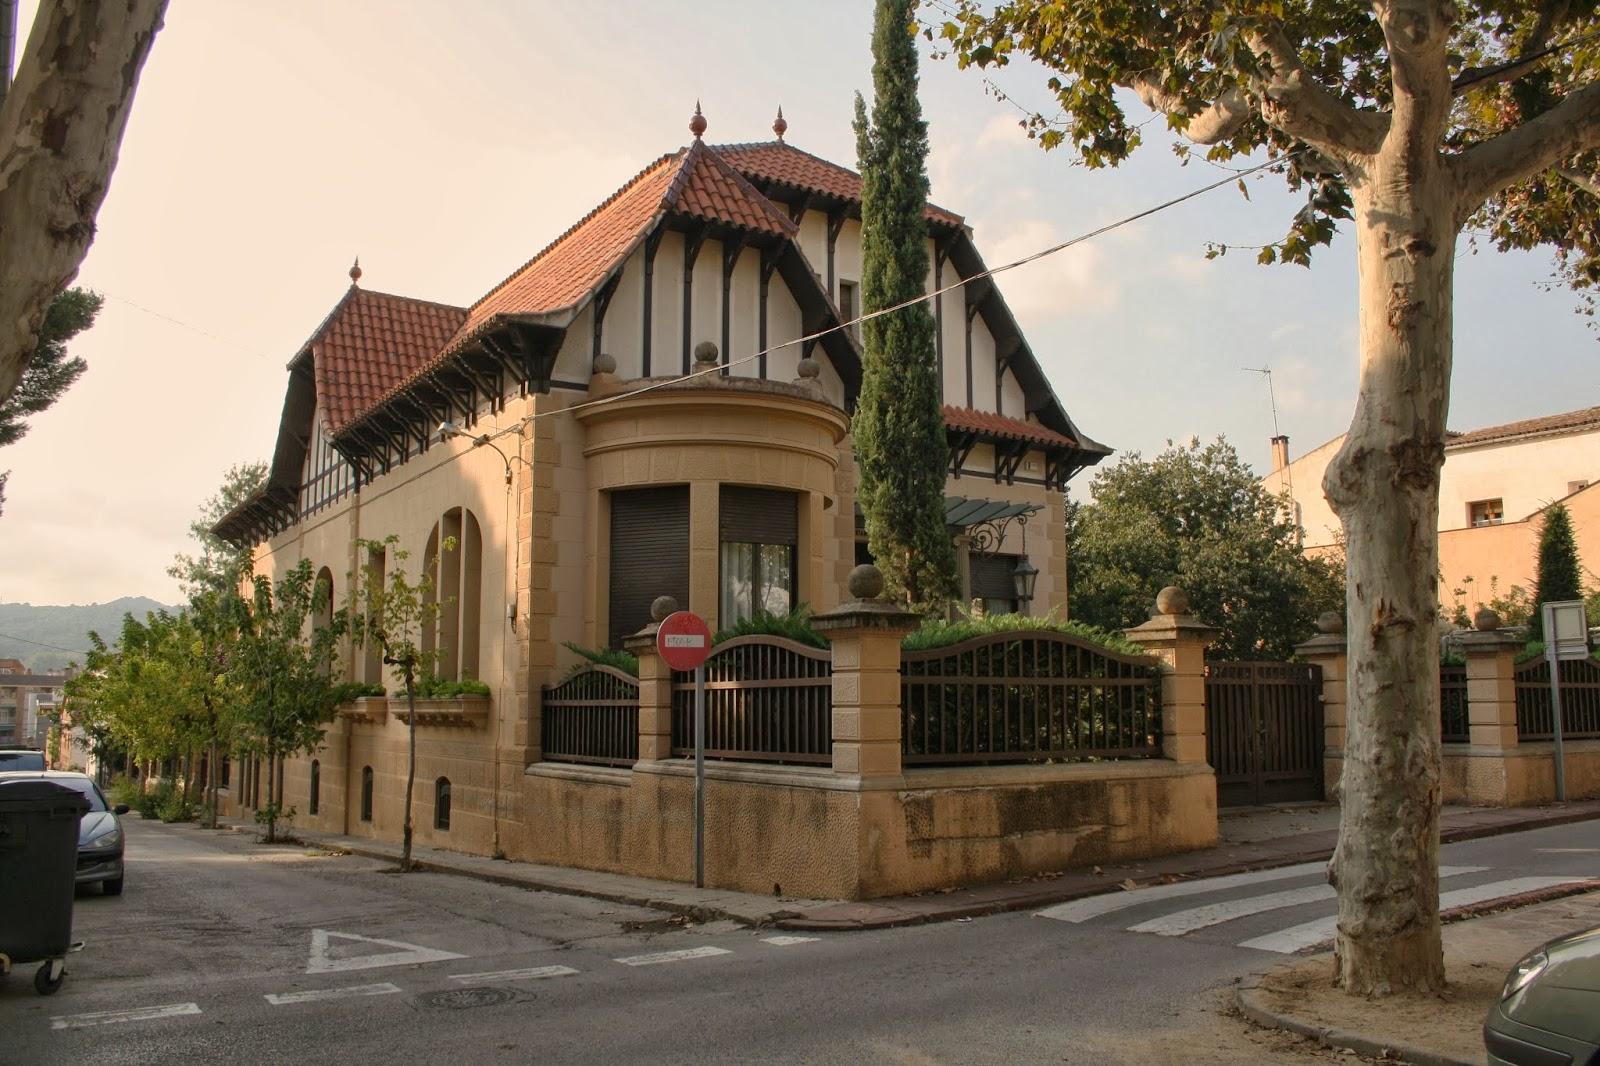 Con ixer catalunya villa trianon la garriga el vall s - Casa la garriga ...